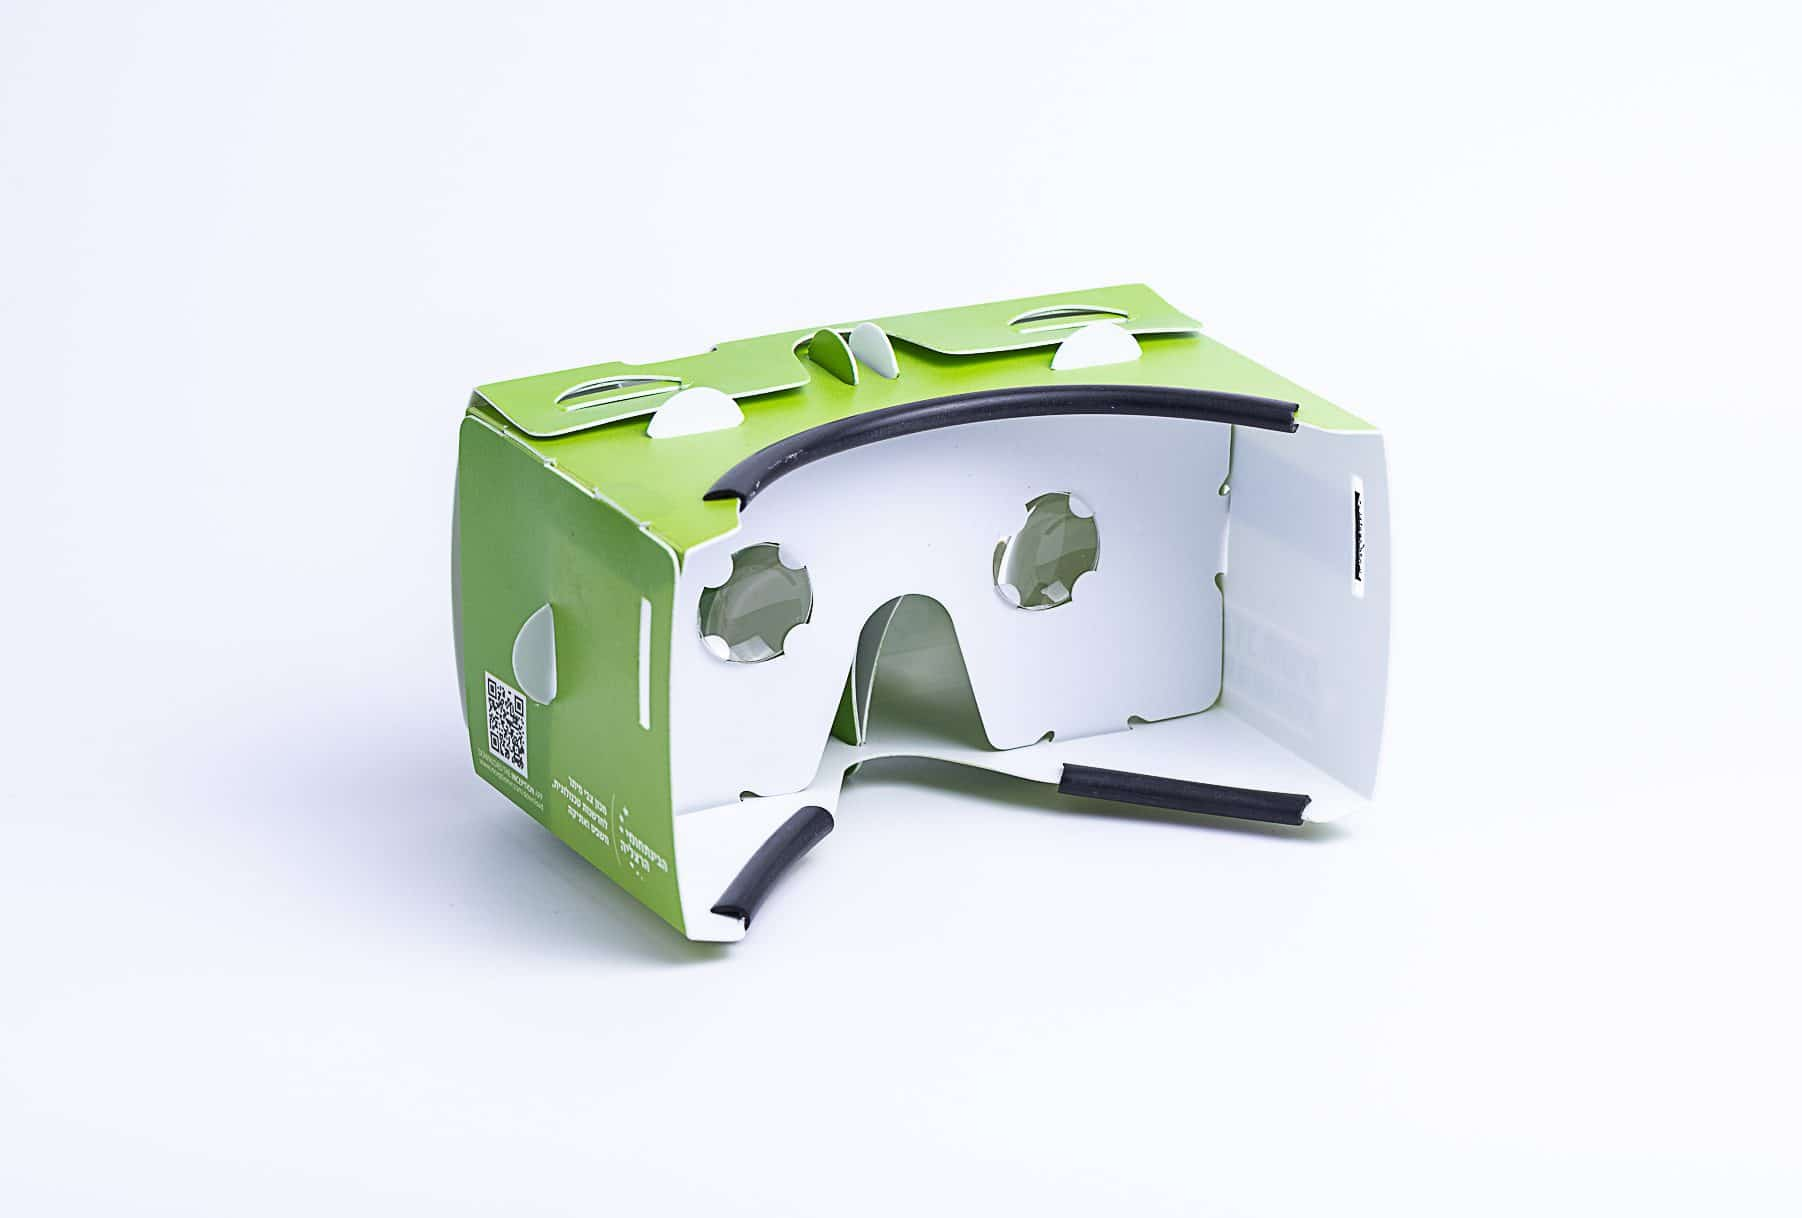 משקפי תלת מימד חדשני בצבע ירוק ובפנים לבן שעשוי מקרטון וגומי